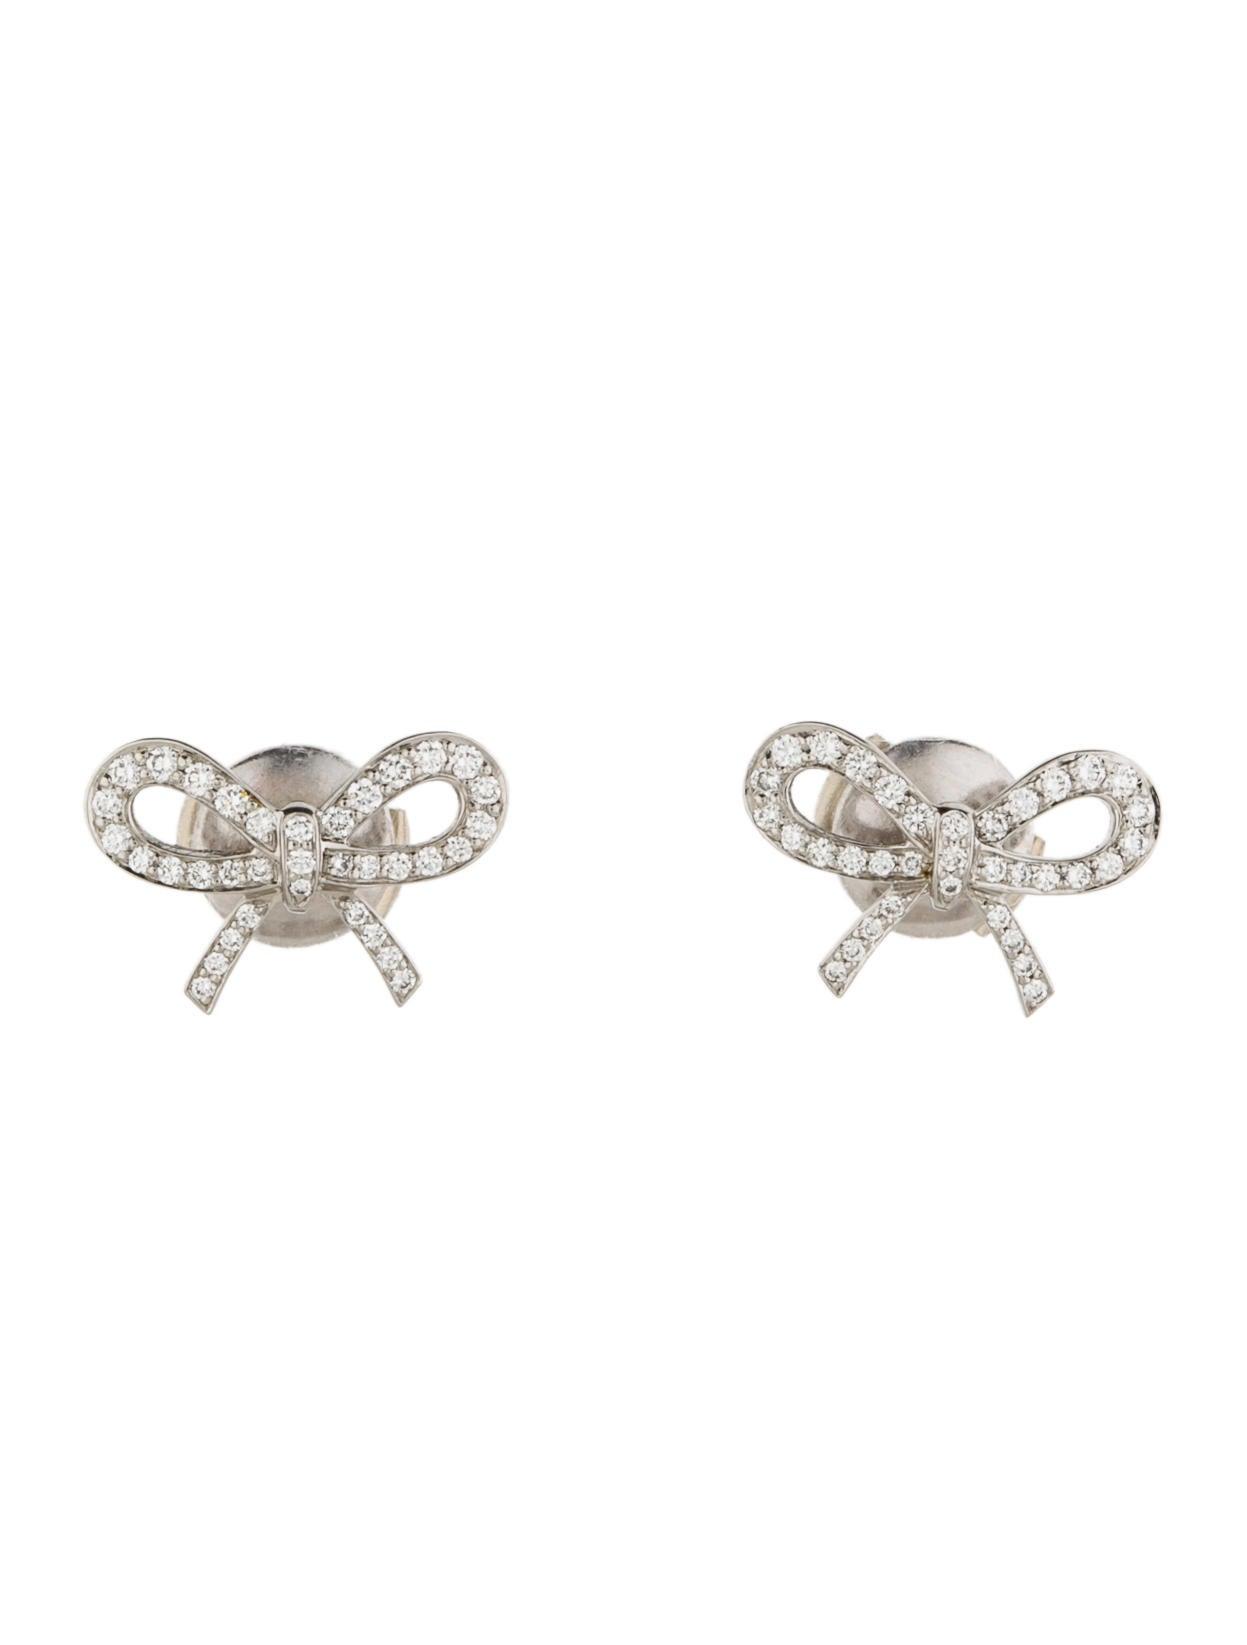 Tiffany & Co Diamond Bow Earrings Earrings TIF